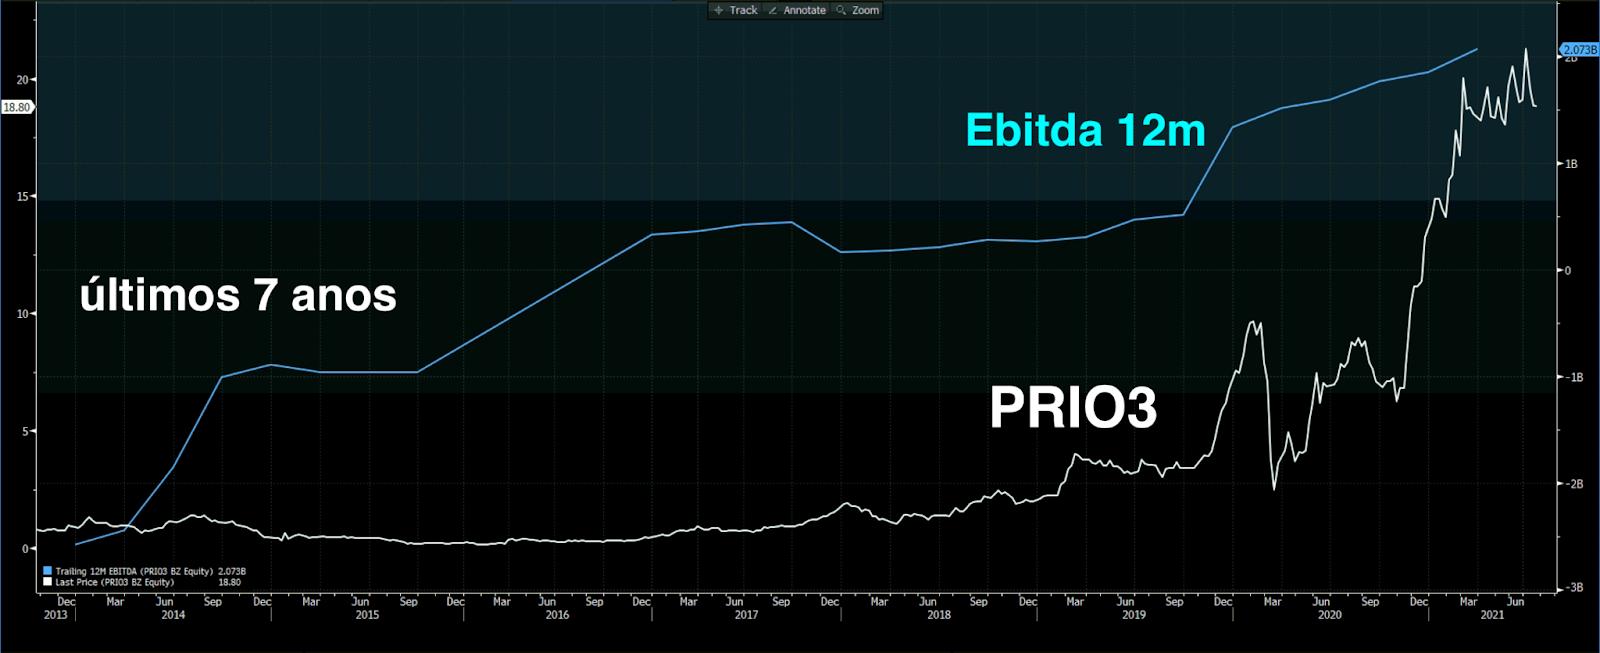 Desempenho de PRIO3 e Ebitda (acum 12m).